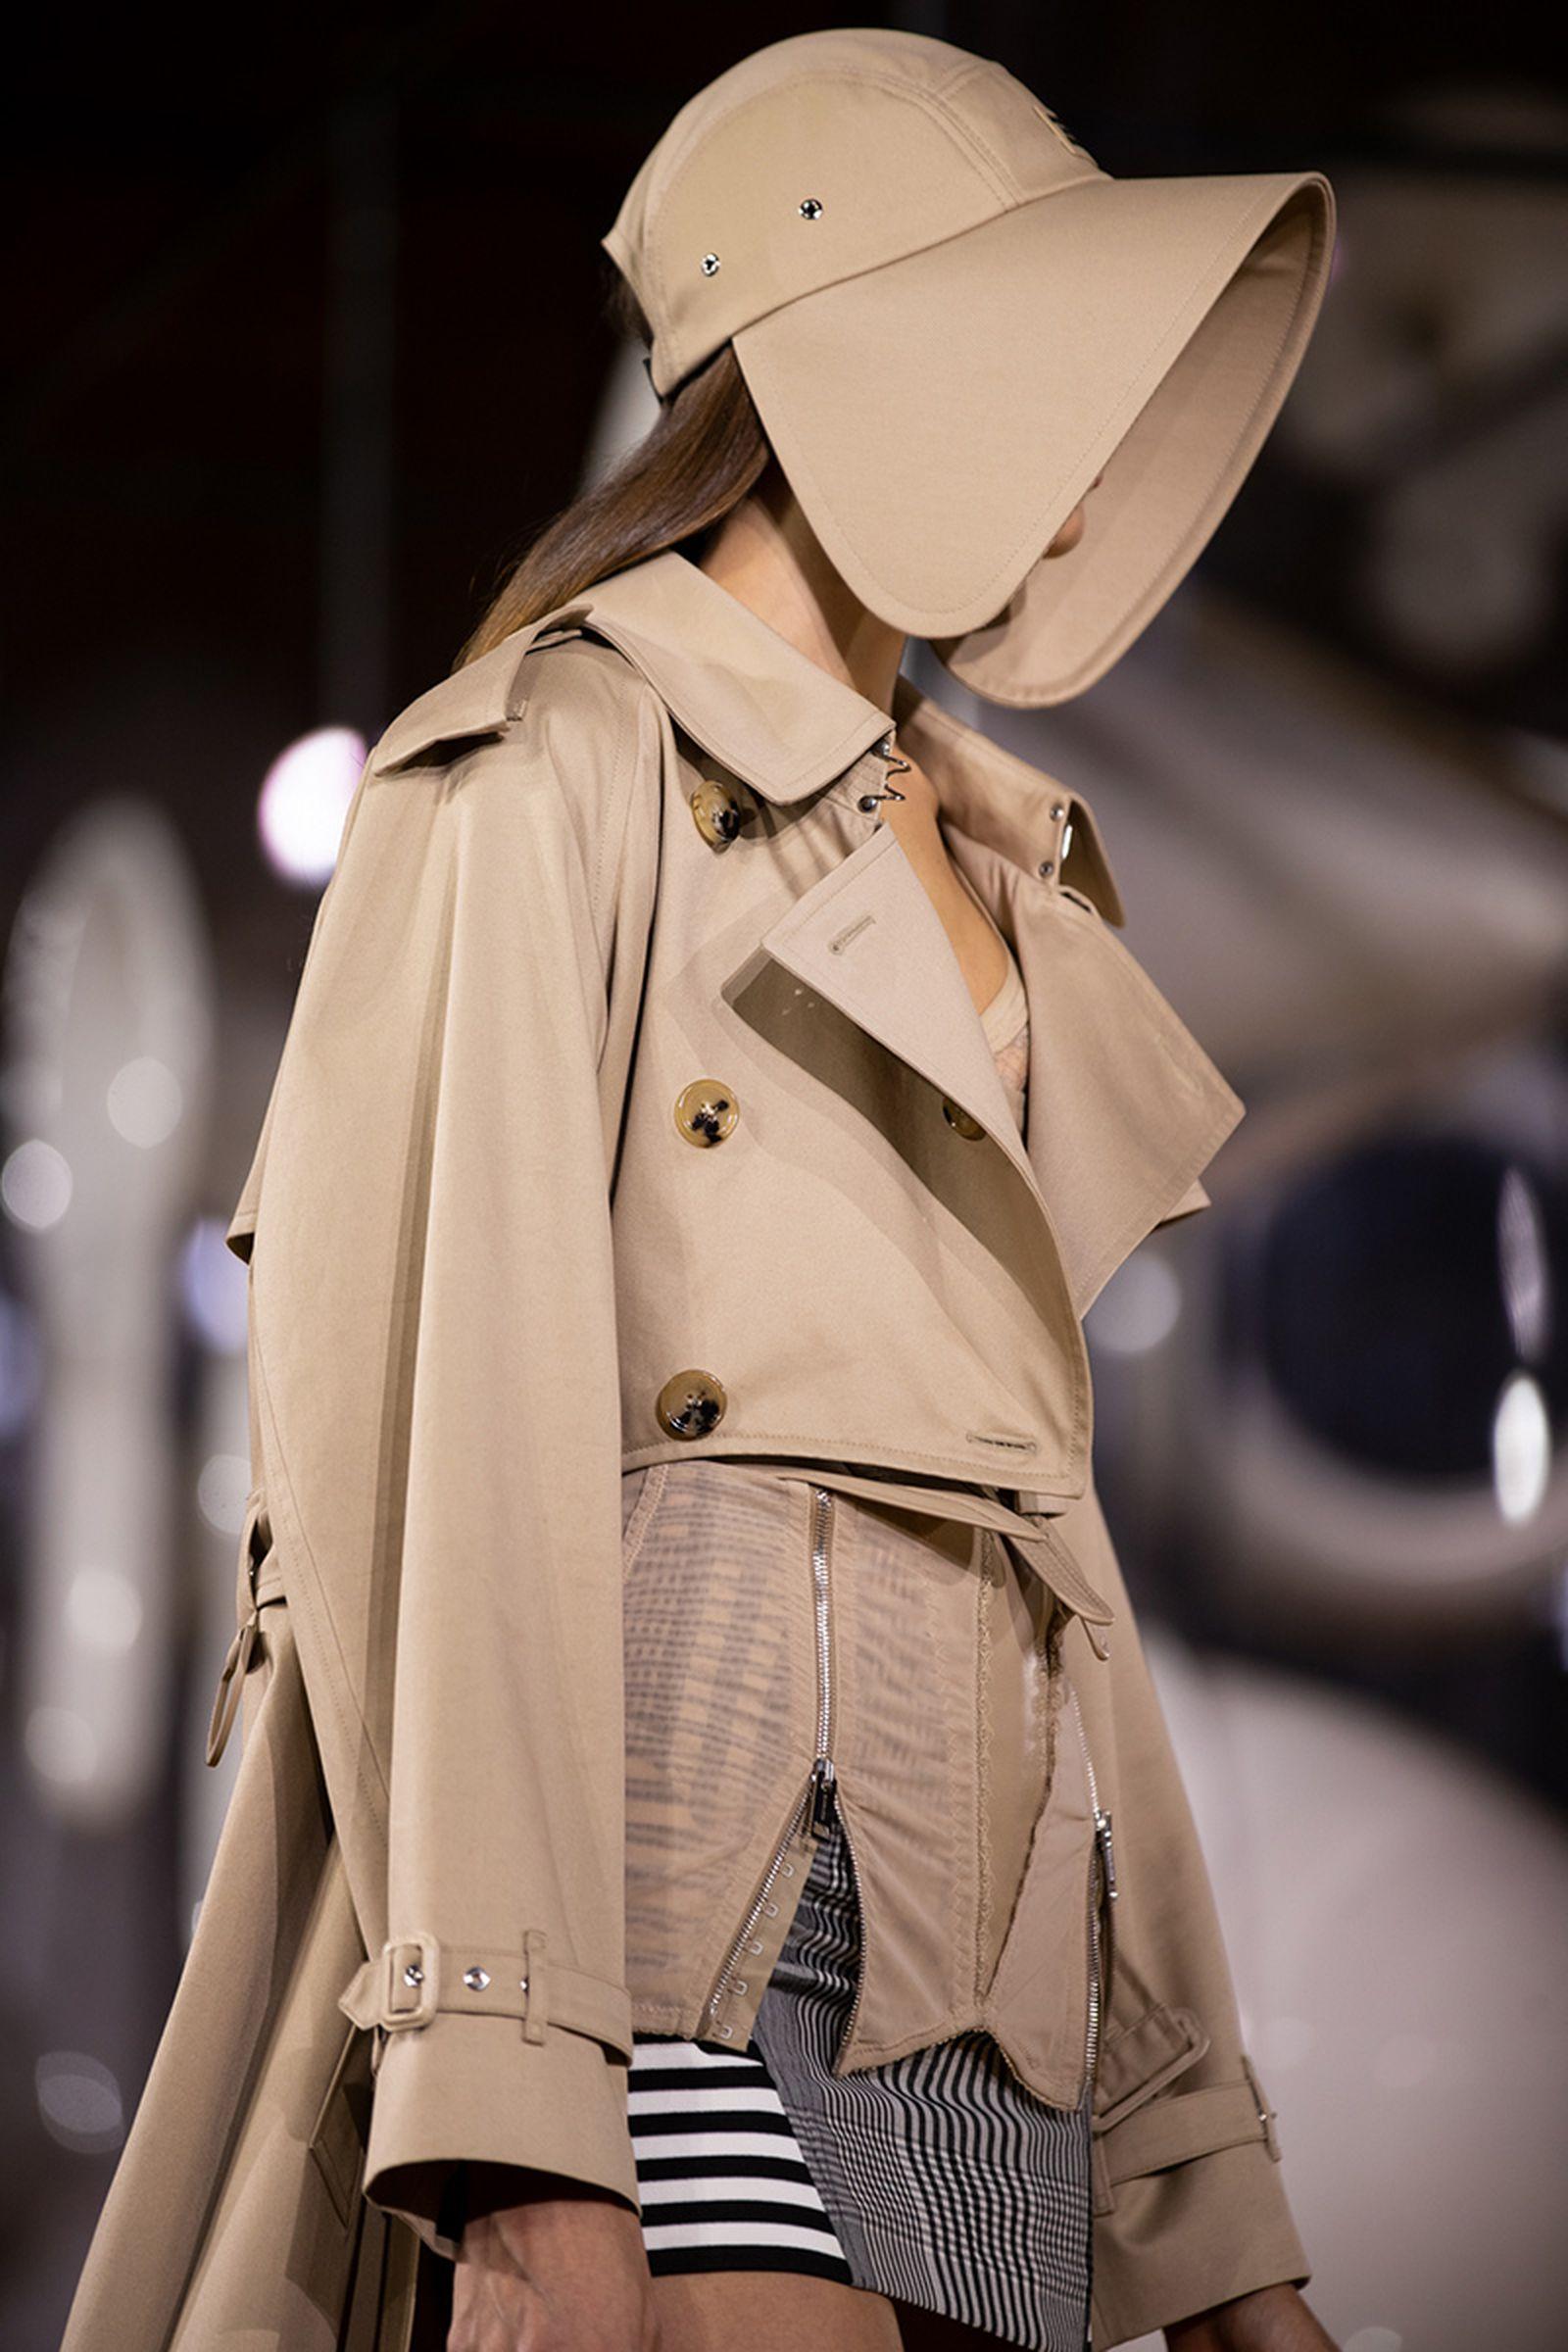 fashion-week-happening-not-04